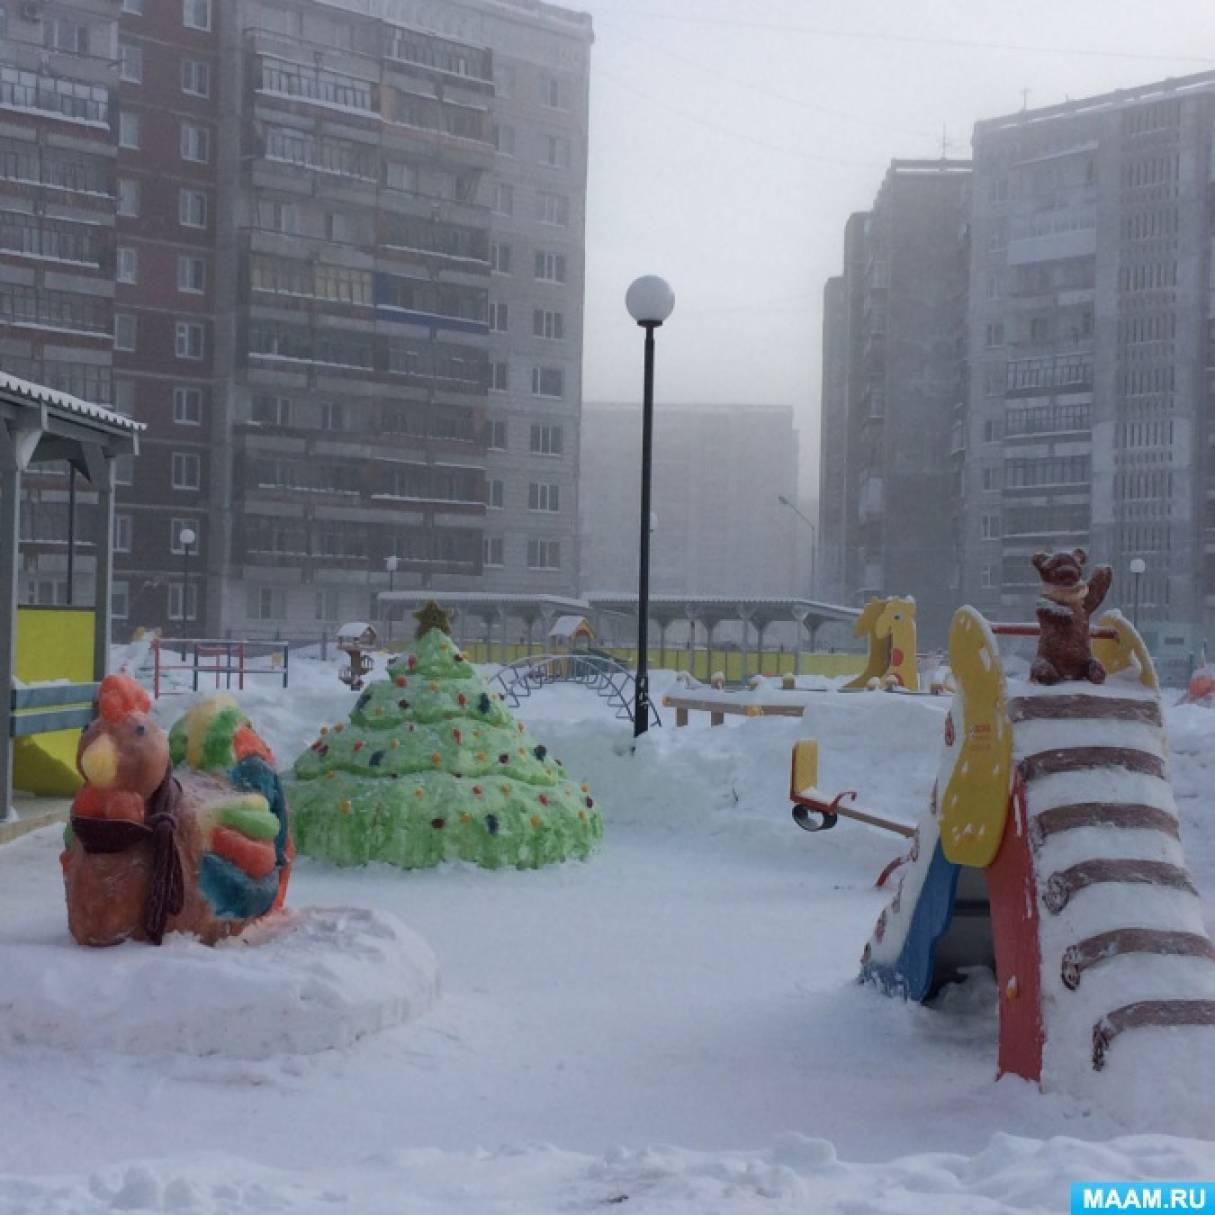 Оформление зимнего участка по мотивам русской народной сказки «Заюшкина избушка»